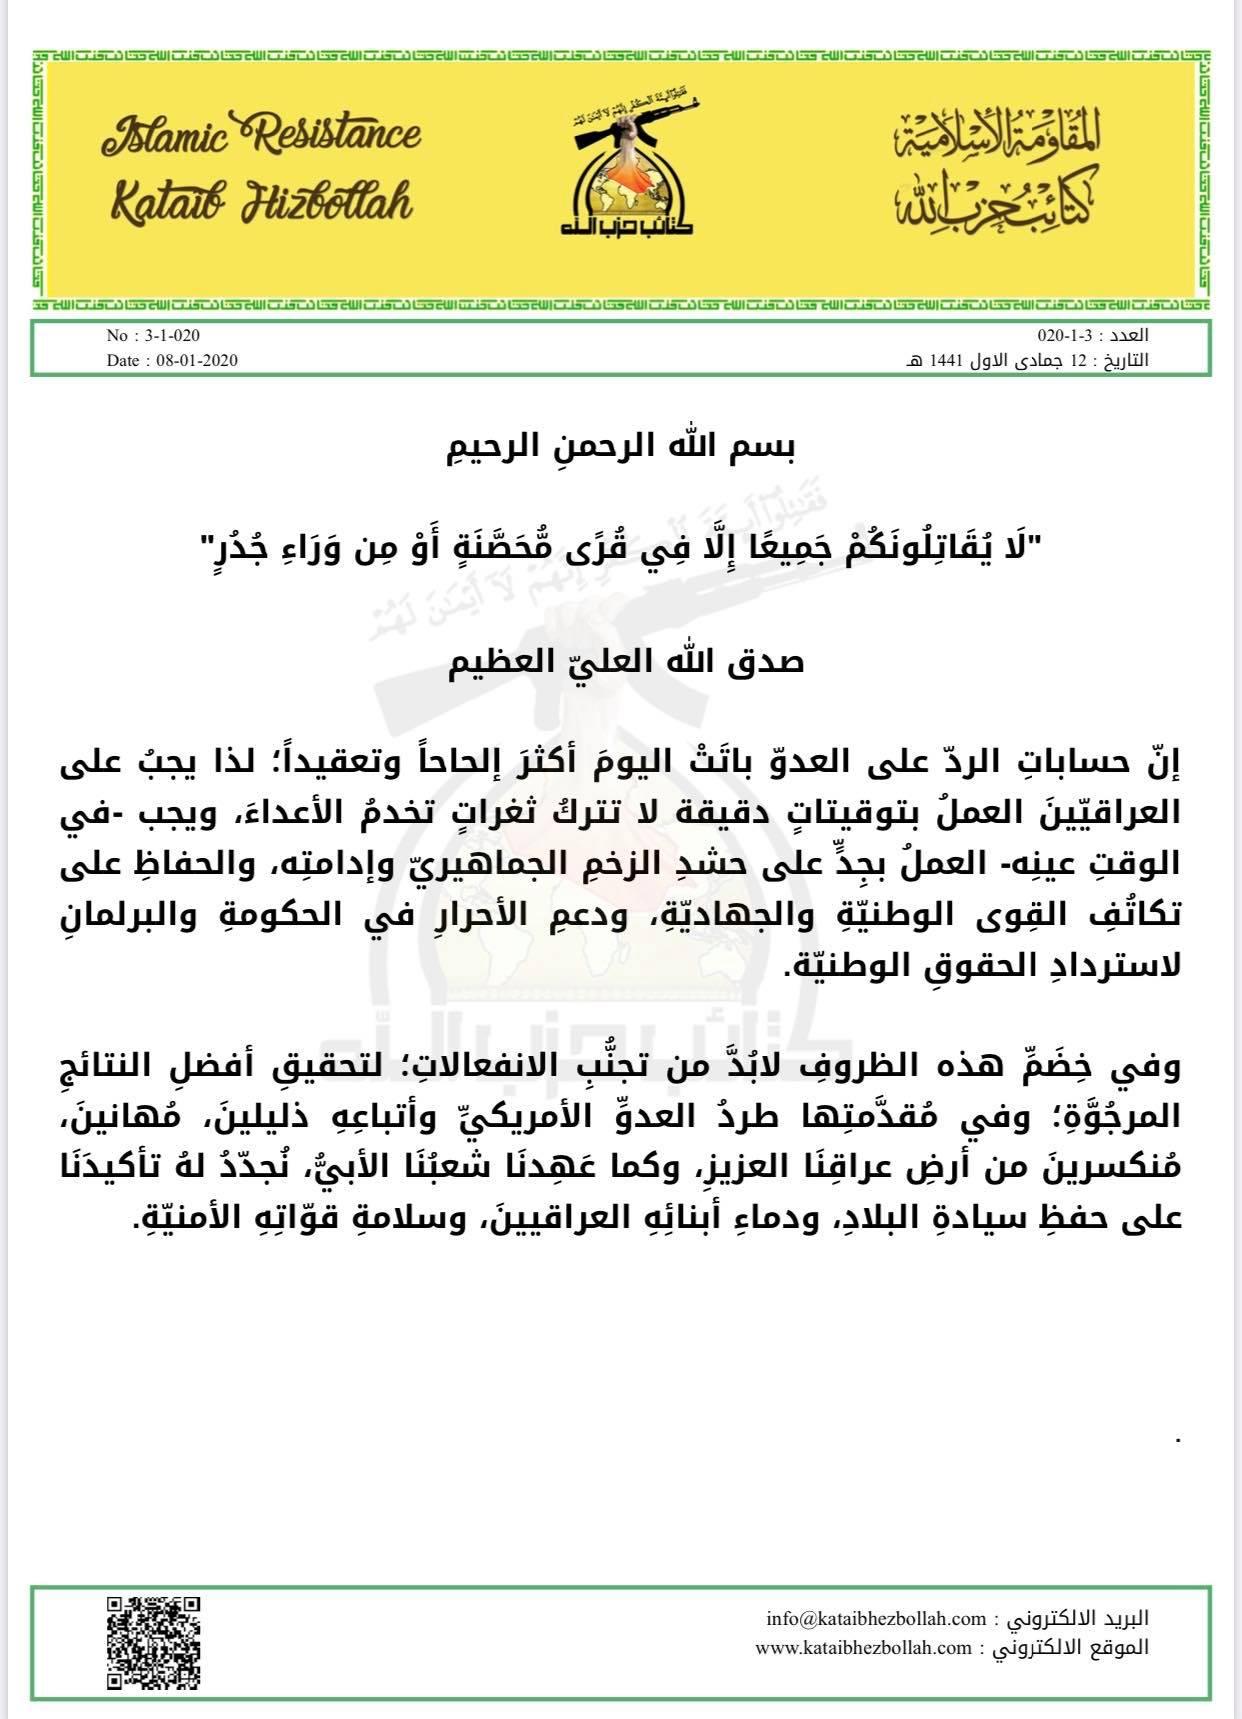 كتائب حزب الله: حسابات الرد على القوات الأميركية باتت معقدة.. تجنبوا الانفعالات!